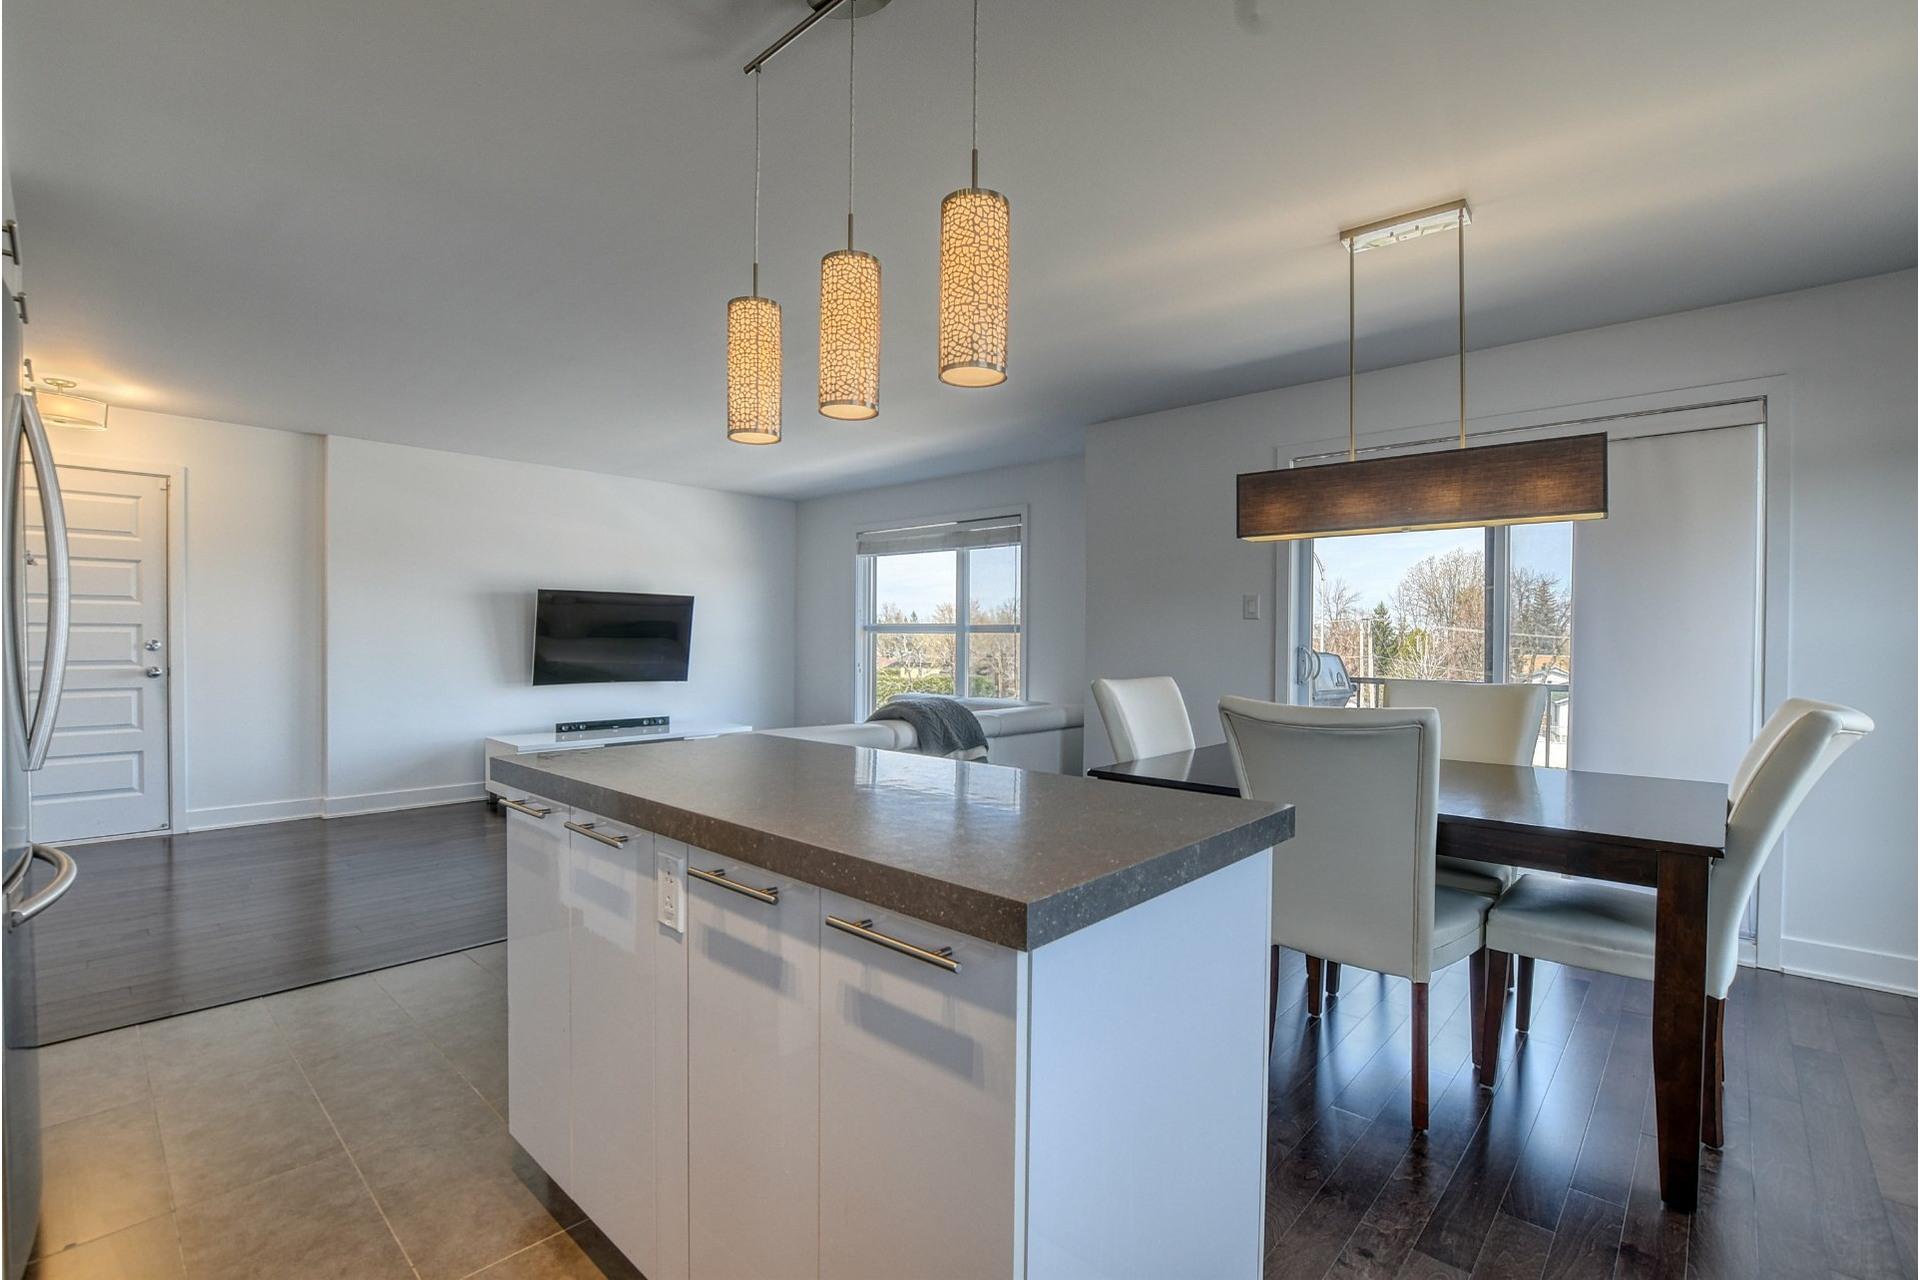 image 12 - Appartement À vendre Rivière-des-Prairies/Pointe-aux-Trembles Montréal  - 11 pièces